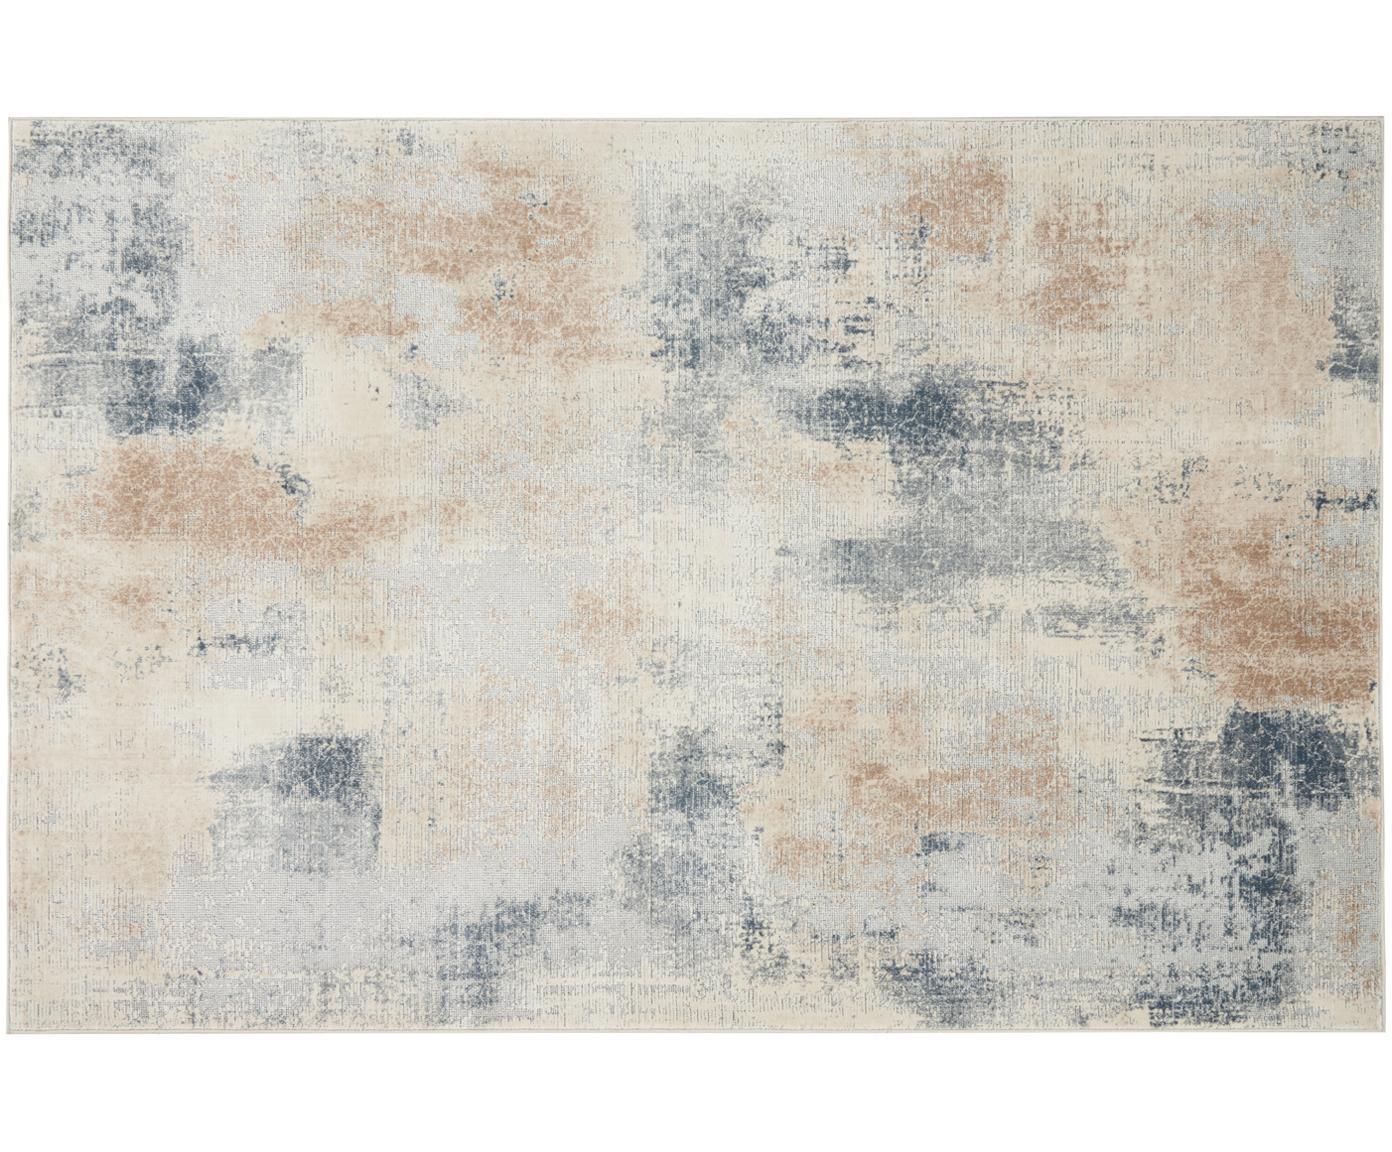 Designteppich Rustic Textures II in Beige/Grau, Flor: 51%Polypropylen, 49%Pol, Beigetöne, Grau, B 120 x L 180 cm (Größe S)